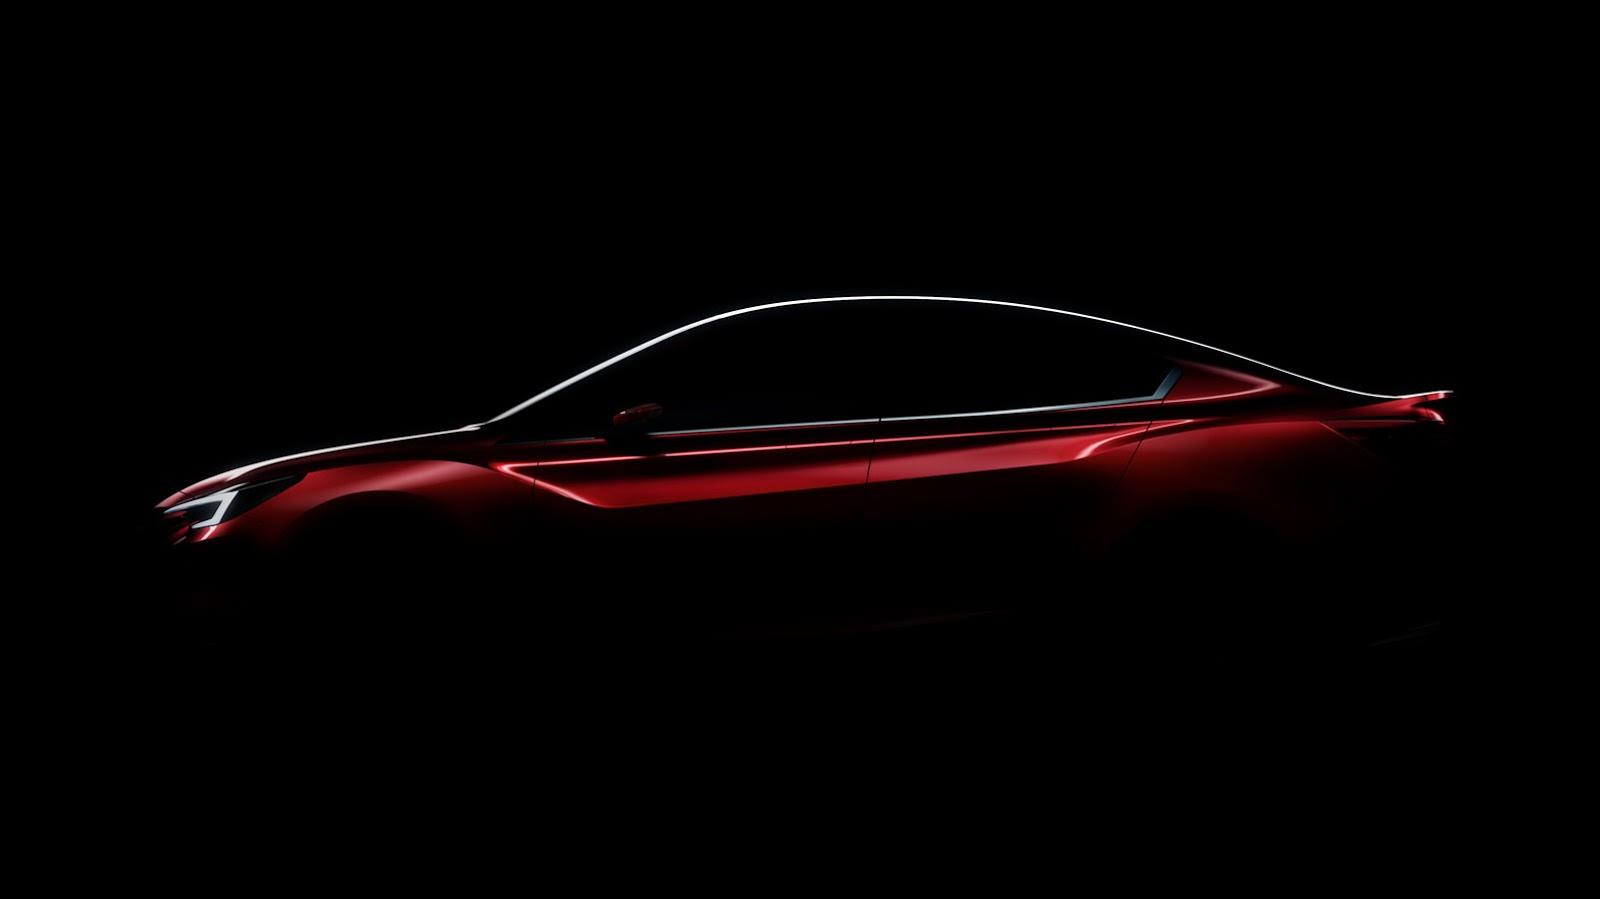 Toyota Camry Hd Wallpapers Los Carros Del Auto Show De Los Angeles Subaru Impreza